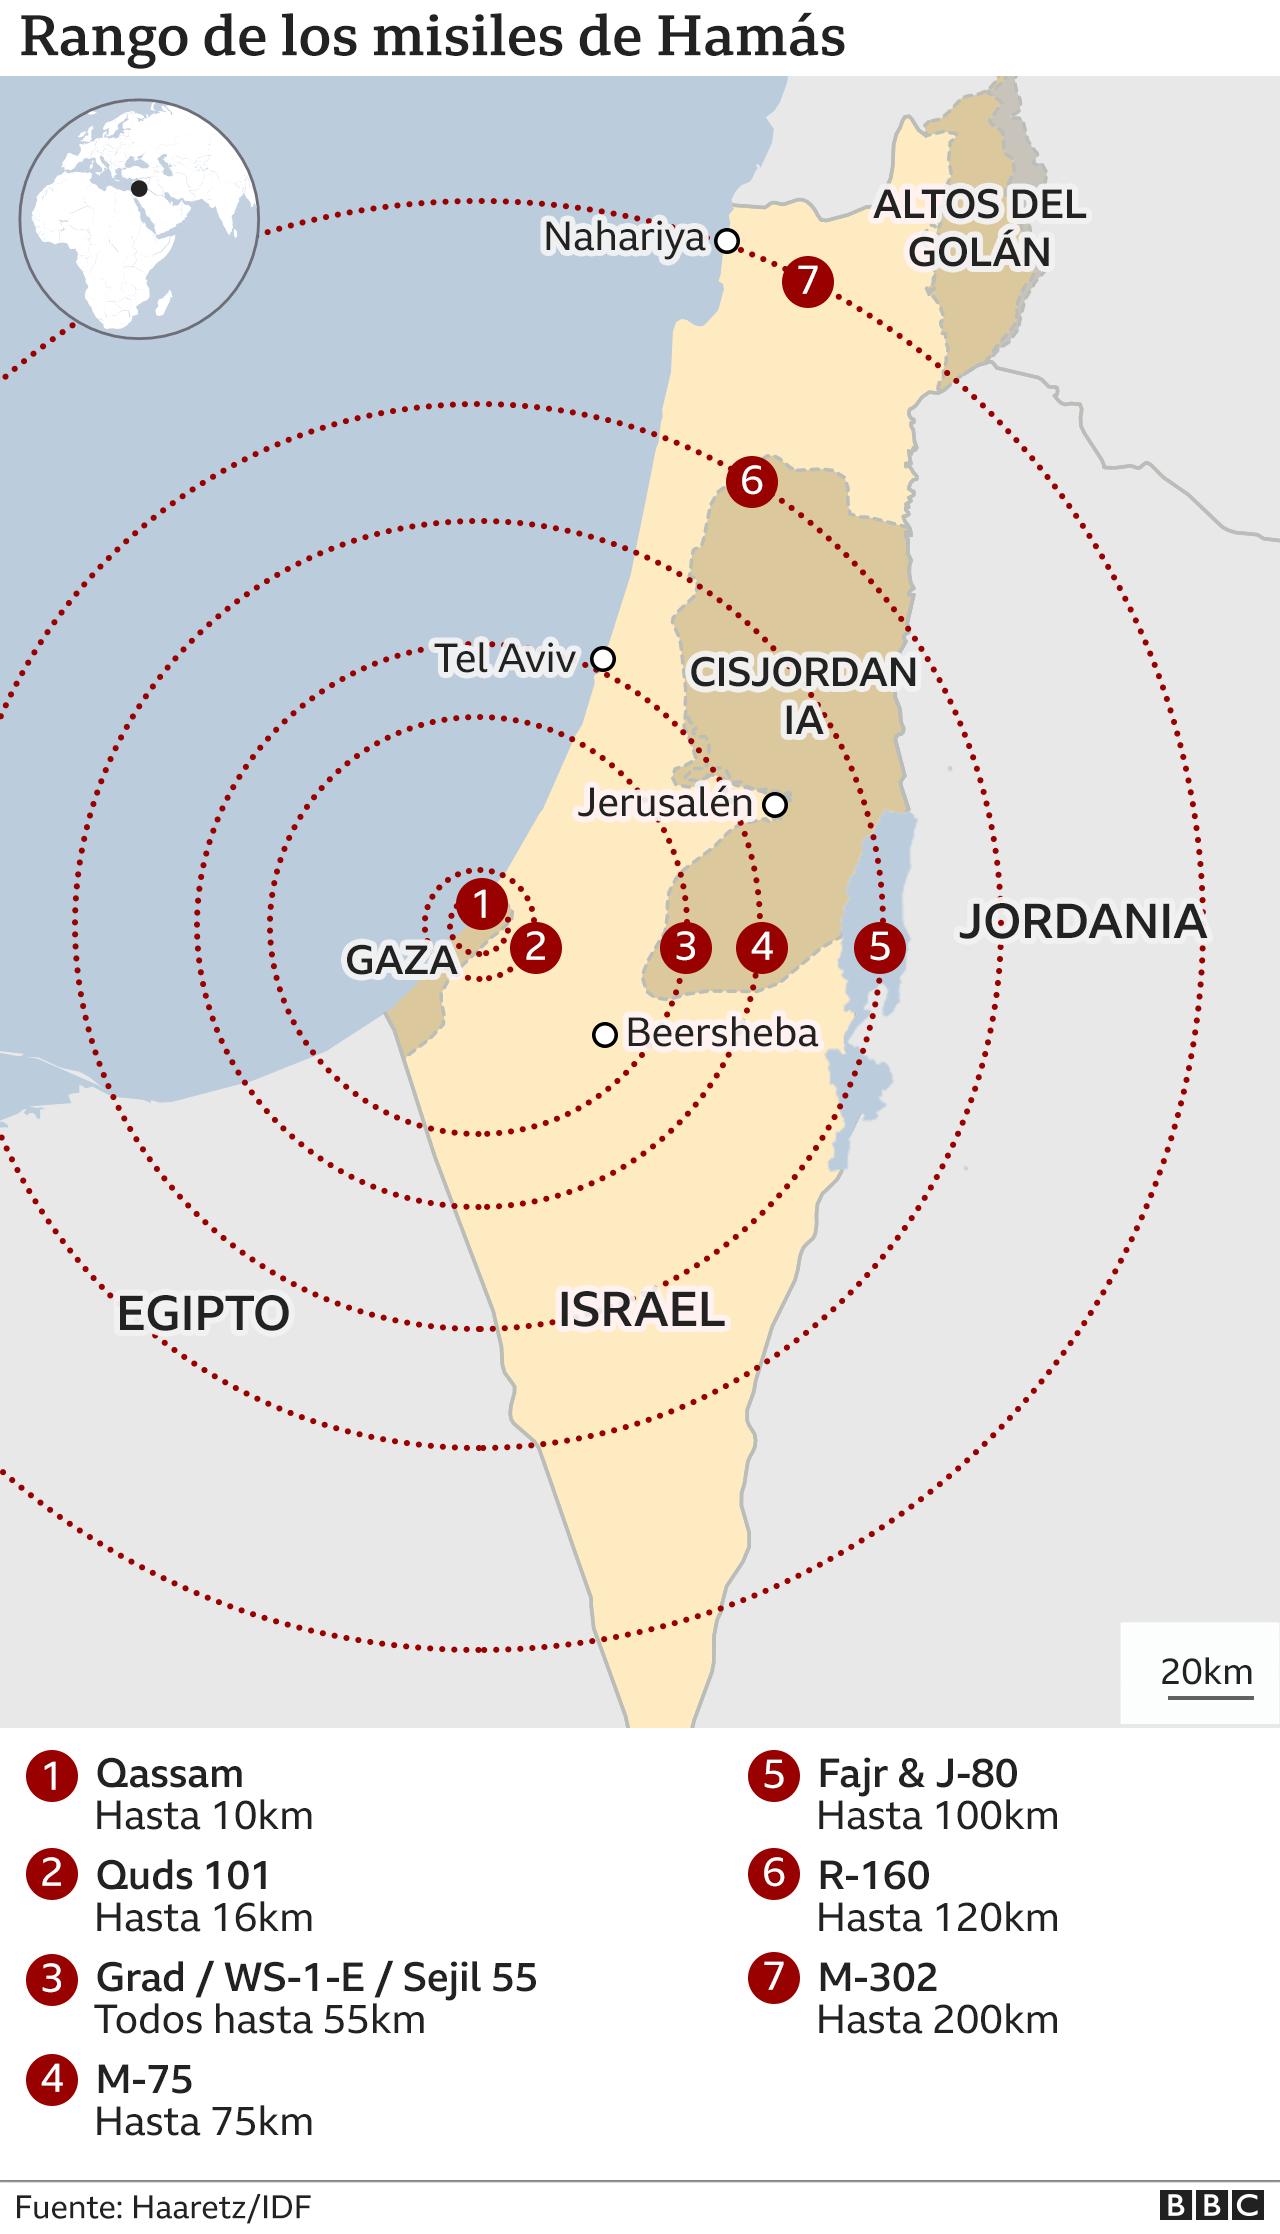 Gráfico rango de misiles de Hamás